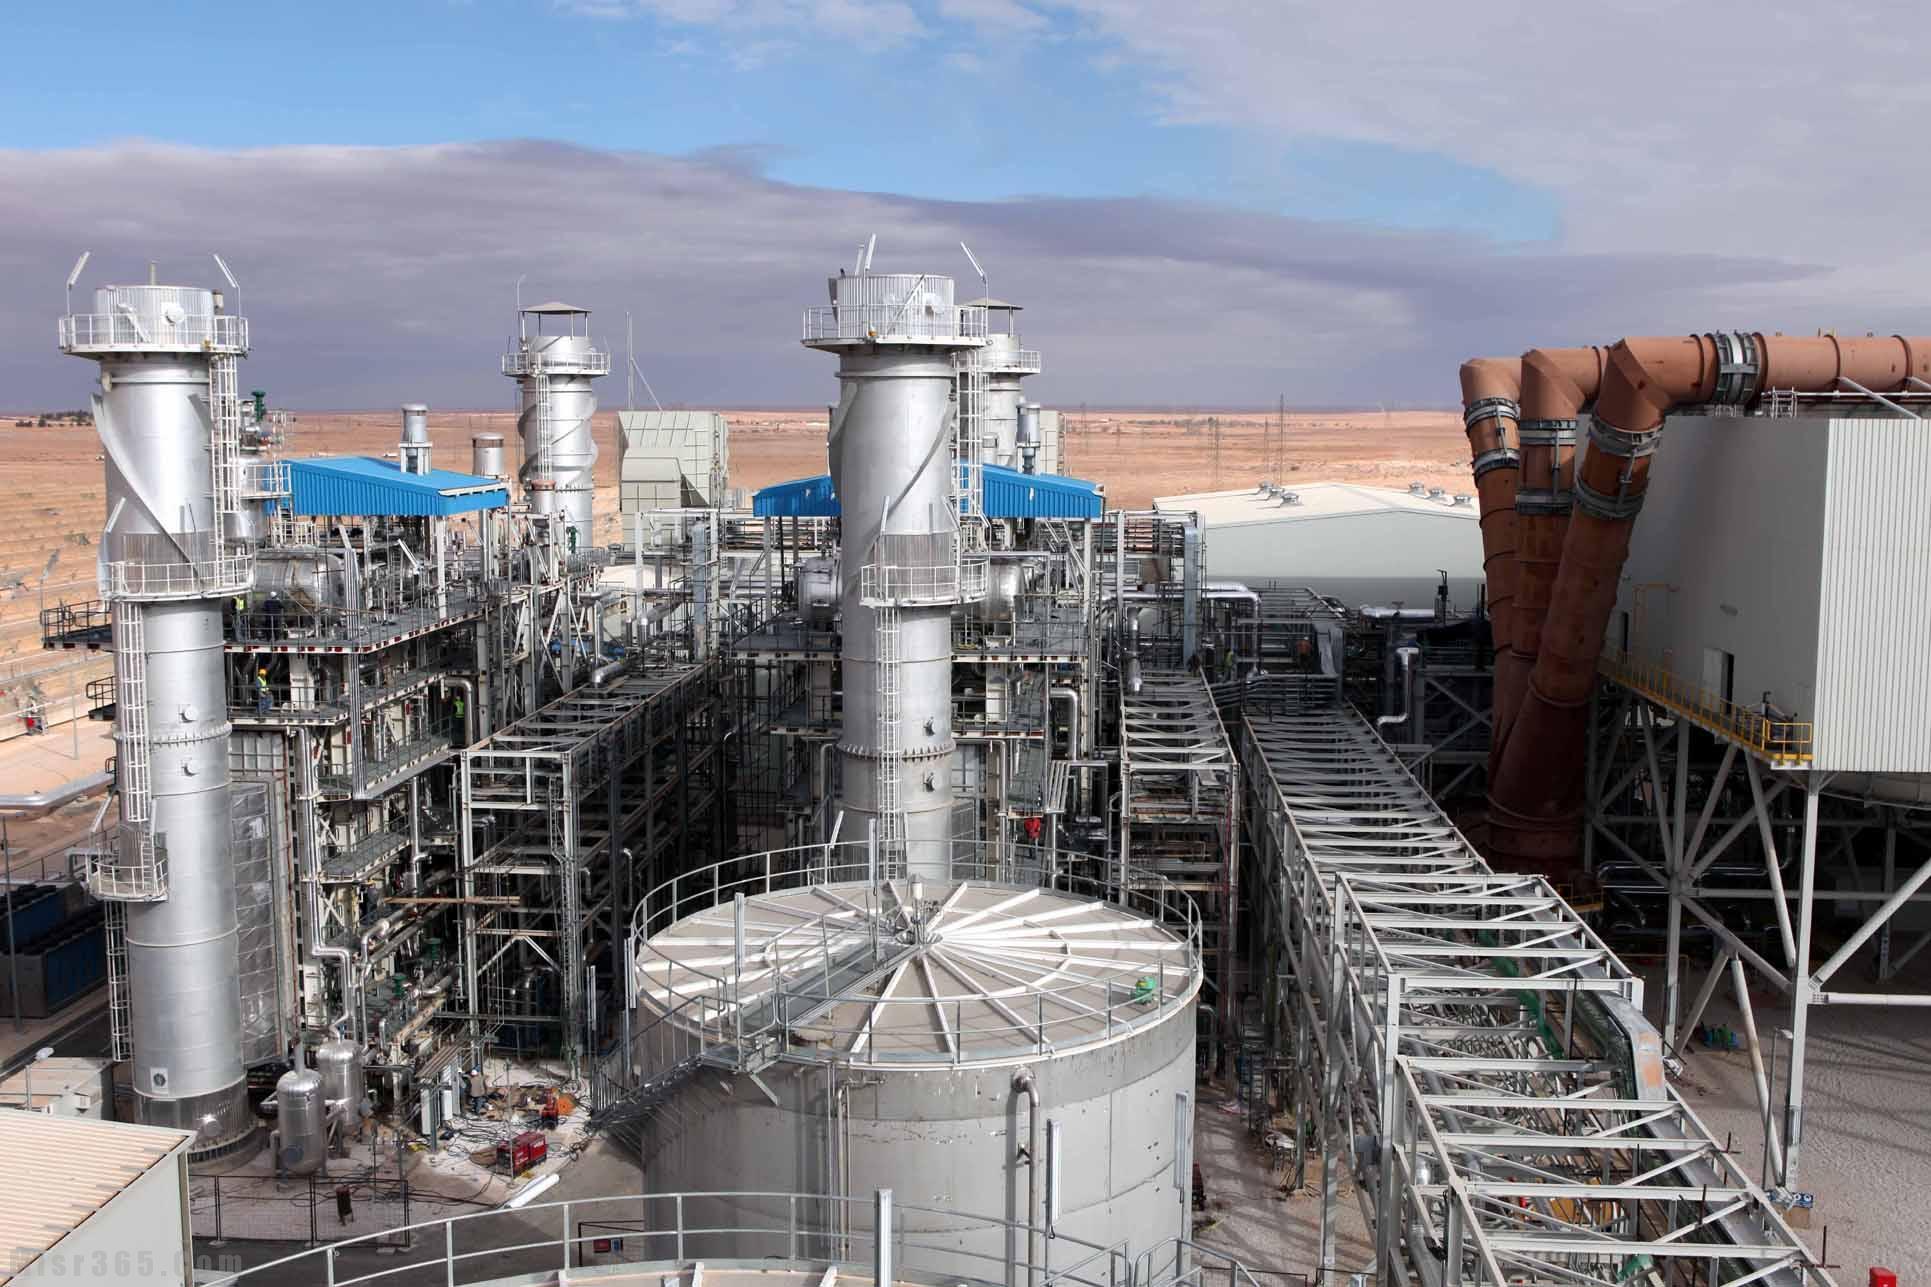 انجازات وزارة الكهرباء فى إنتاج الطاقة الكهربائية والطاقات الجديدة والمتجددة خلال 2018